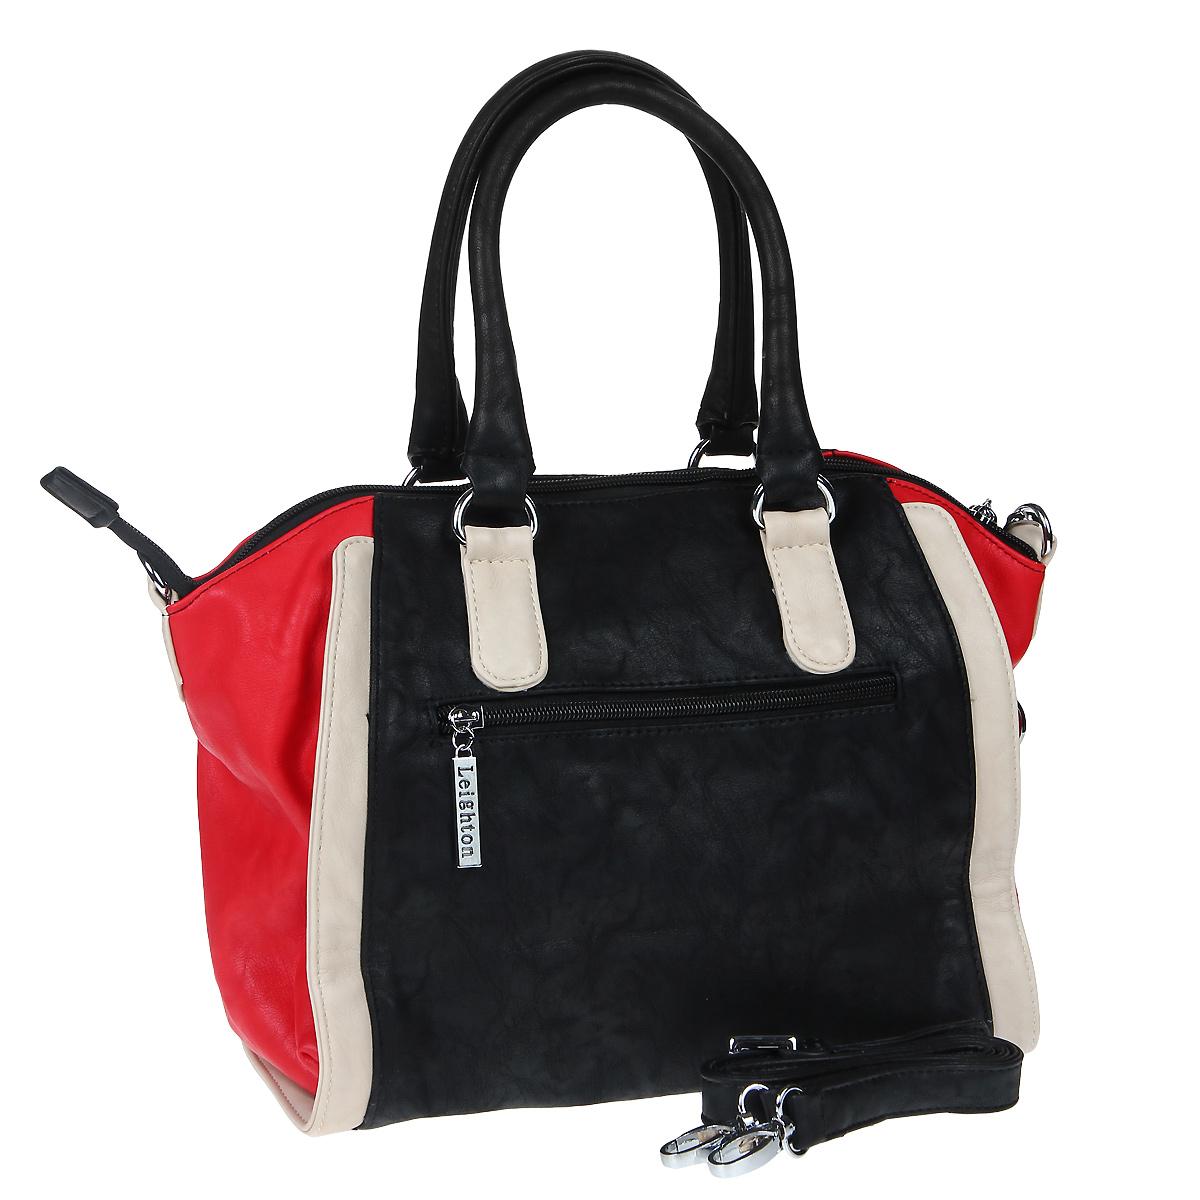 Сумка женская Leighton, цвет: черный, красный, белый. 570442-6090 ( 570442-6090/1112/601/6094 )